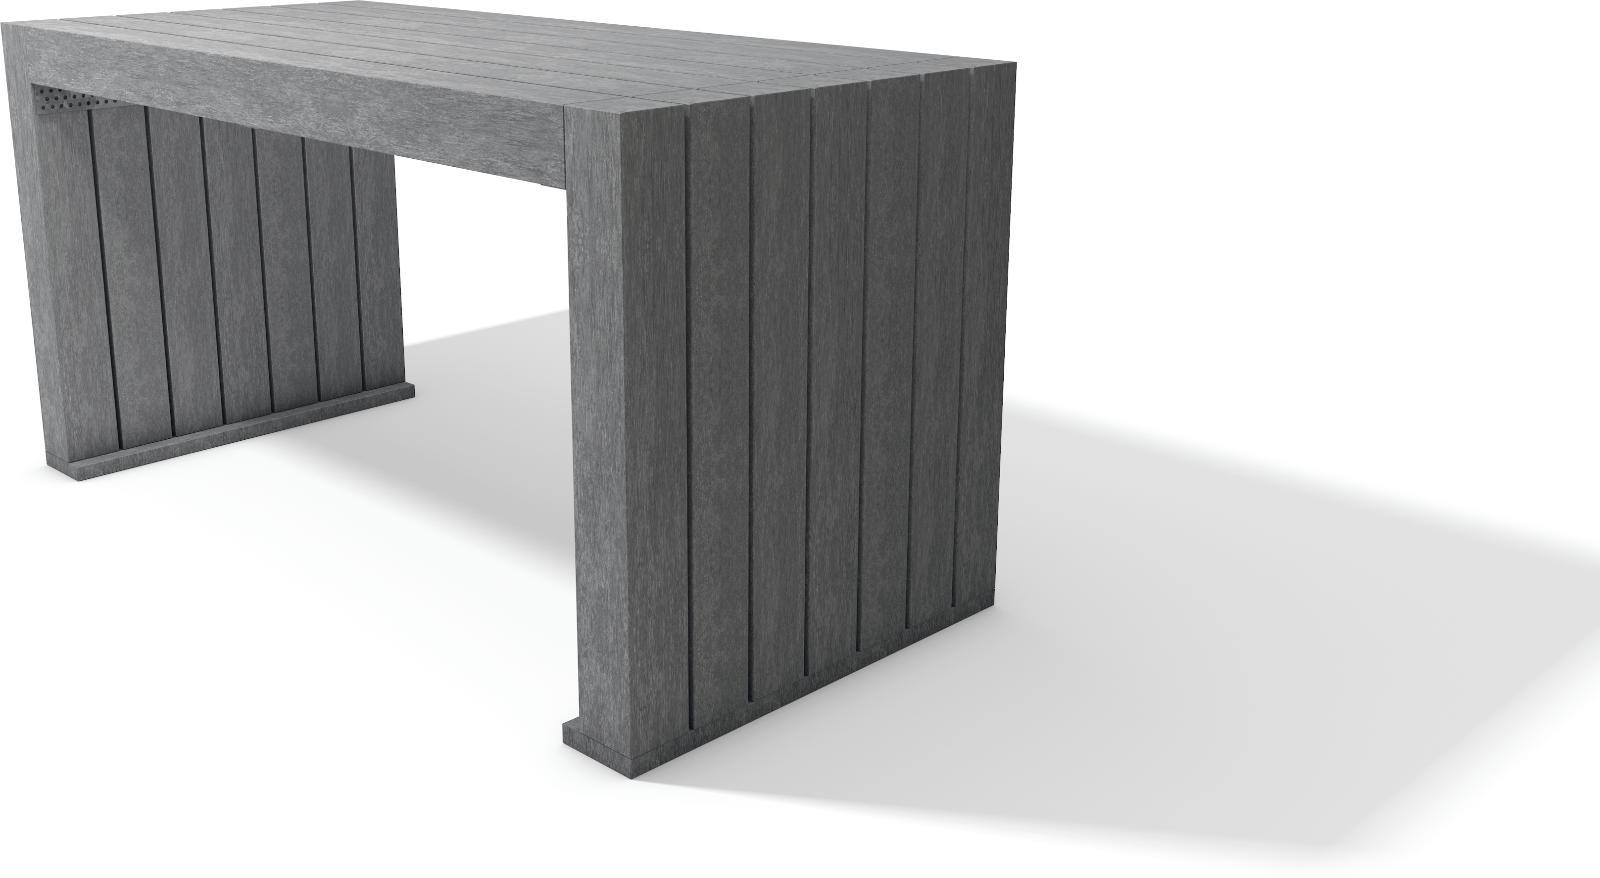 kunststoff tische rk shop recycling kunststoff produkte. Black Bedroom Furniture Sets. Home Design Ideas